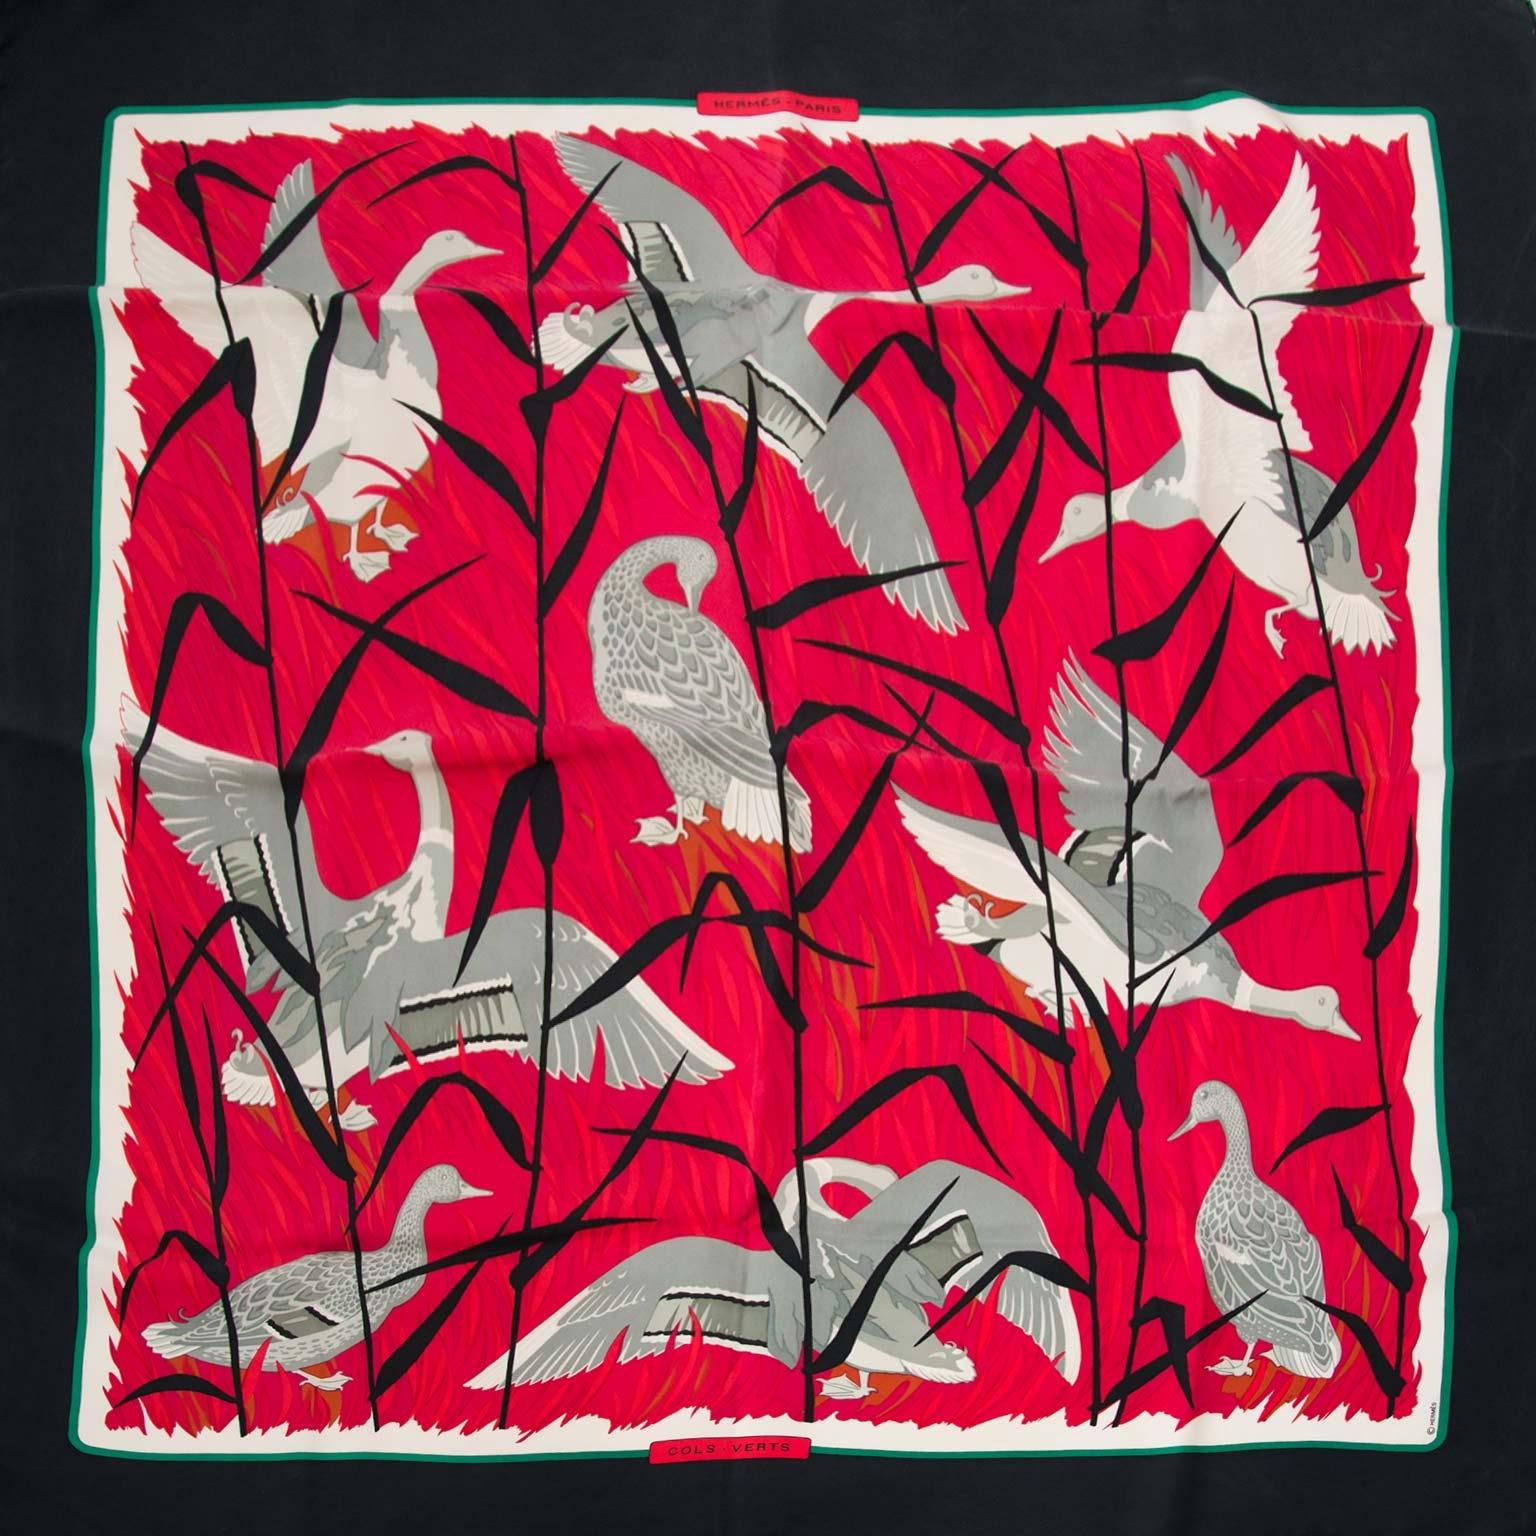 koop authentieke tweedehands Hermès cols verts sjaal bij labellov vintage mode webshop belgië antwerpen